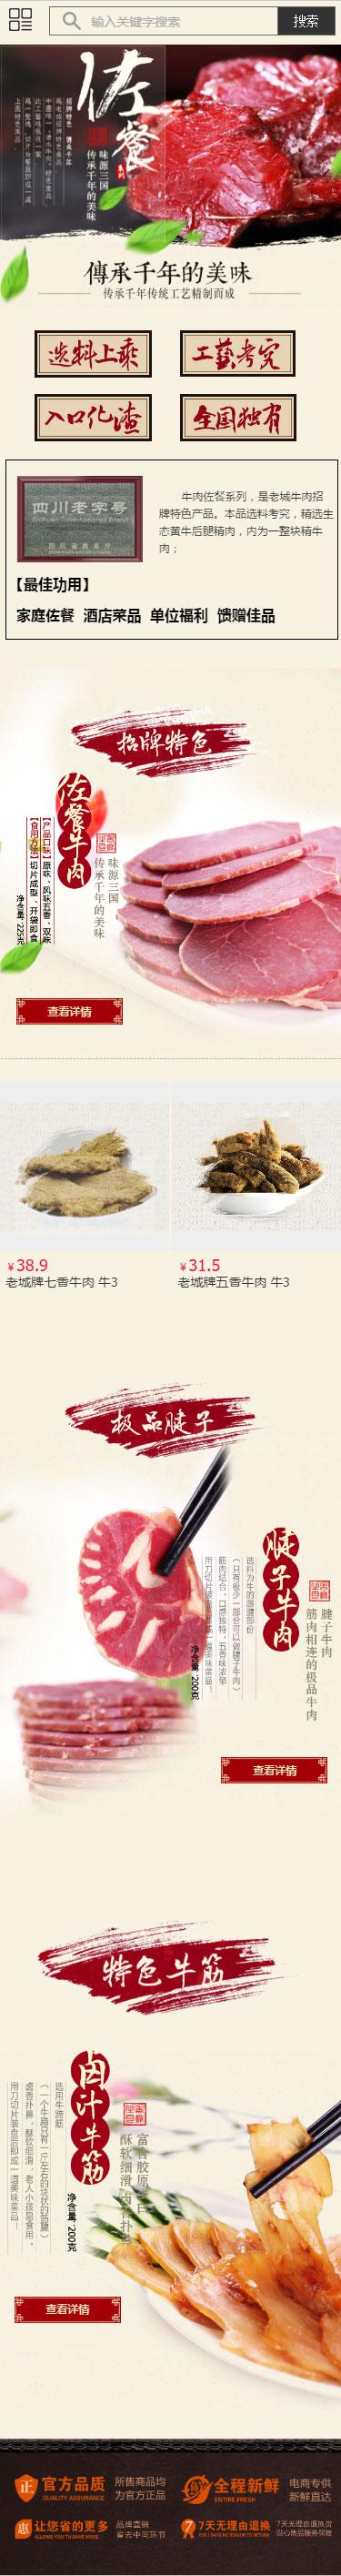 佐餐系列零食模板